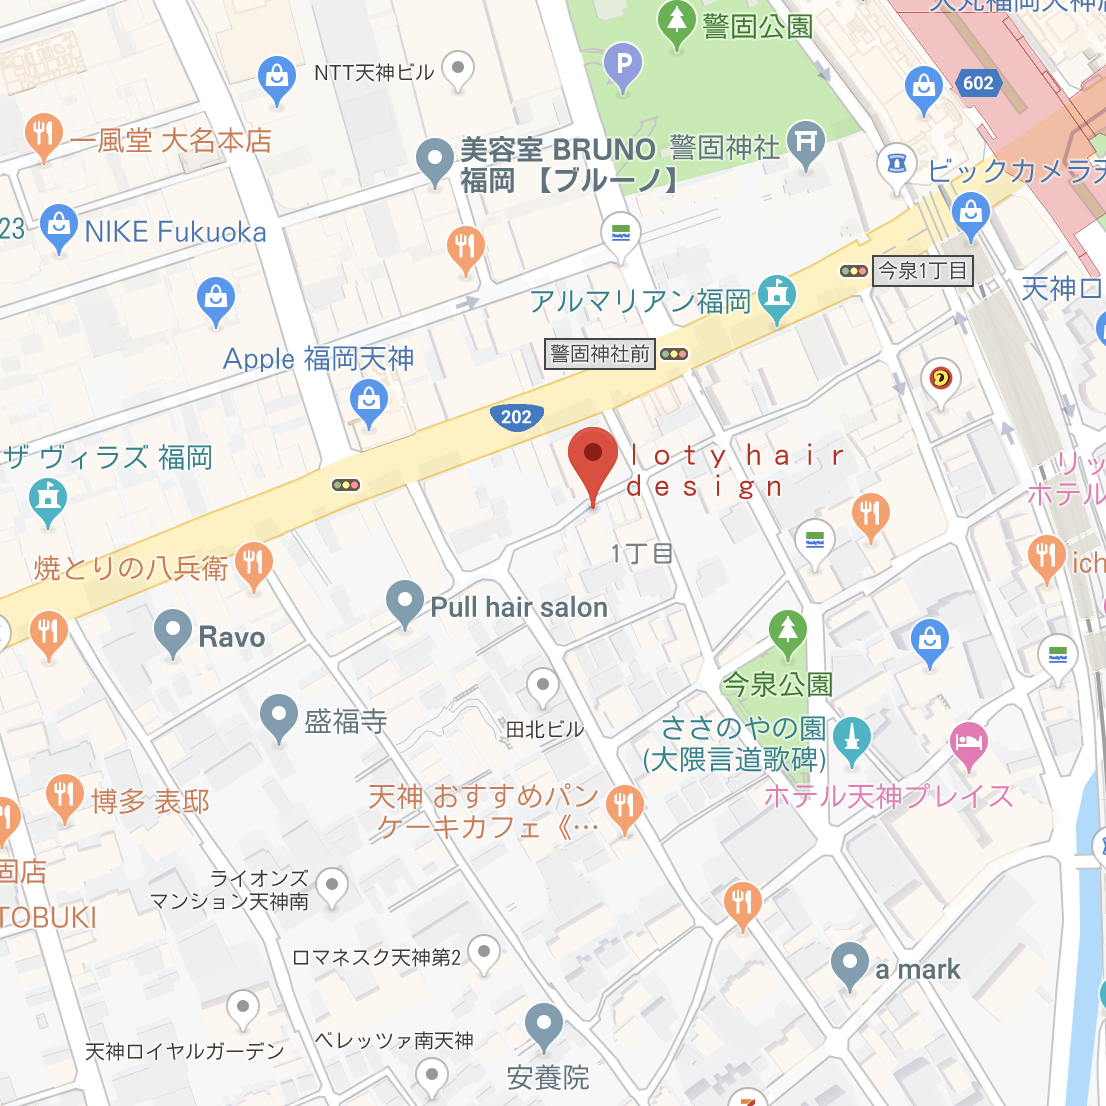 スクリーンショット 2019-03-06 11.43.24